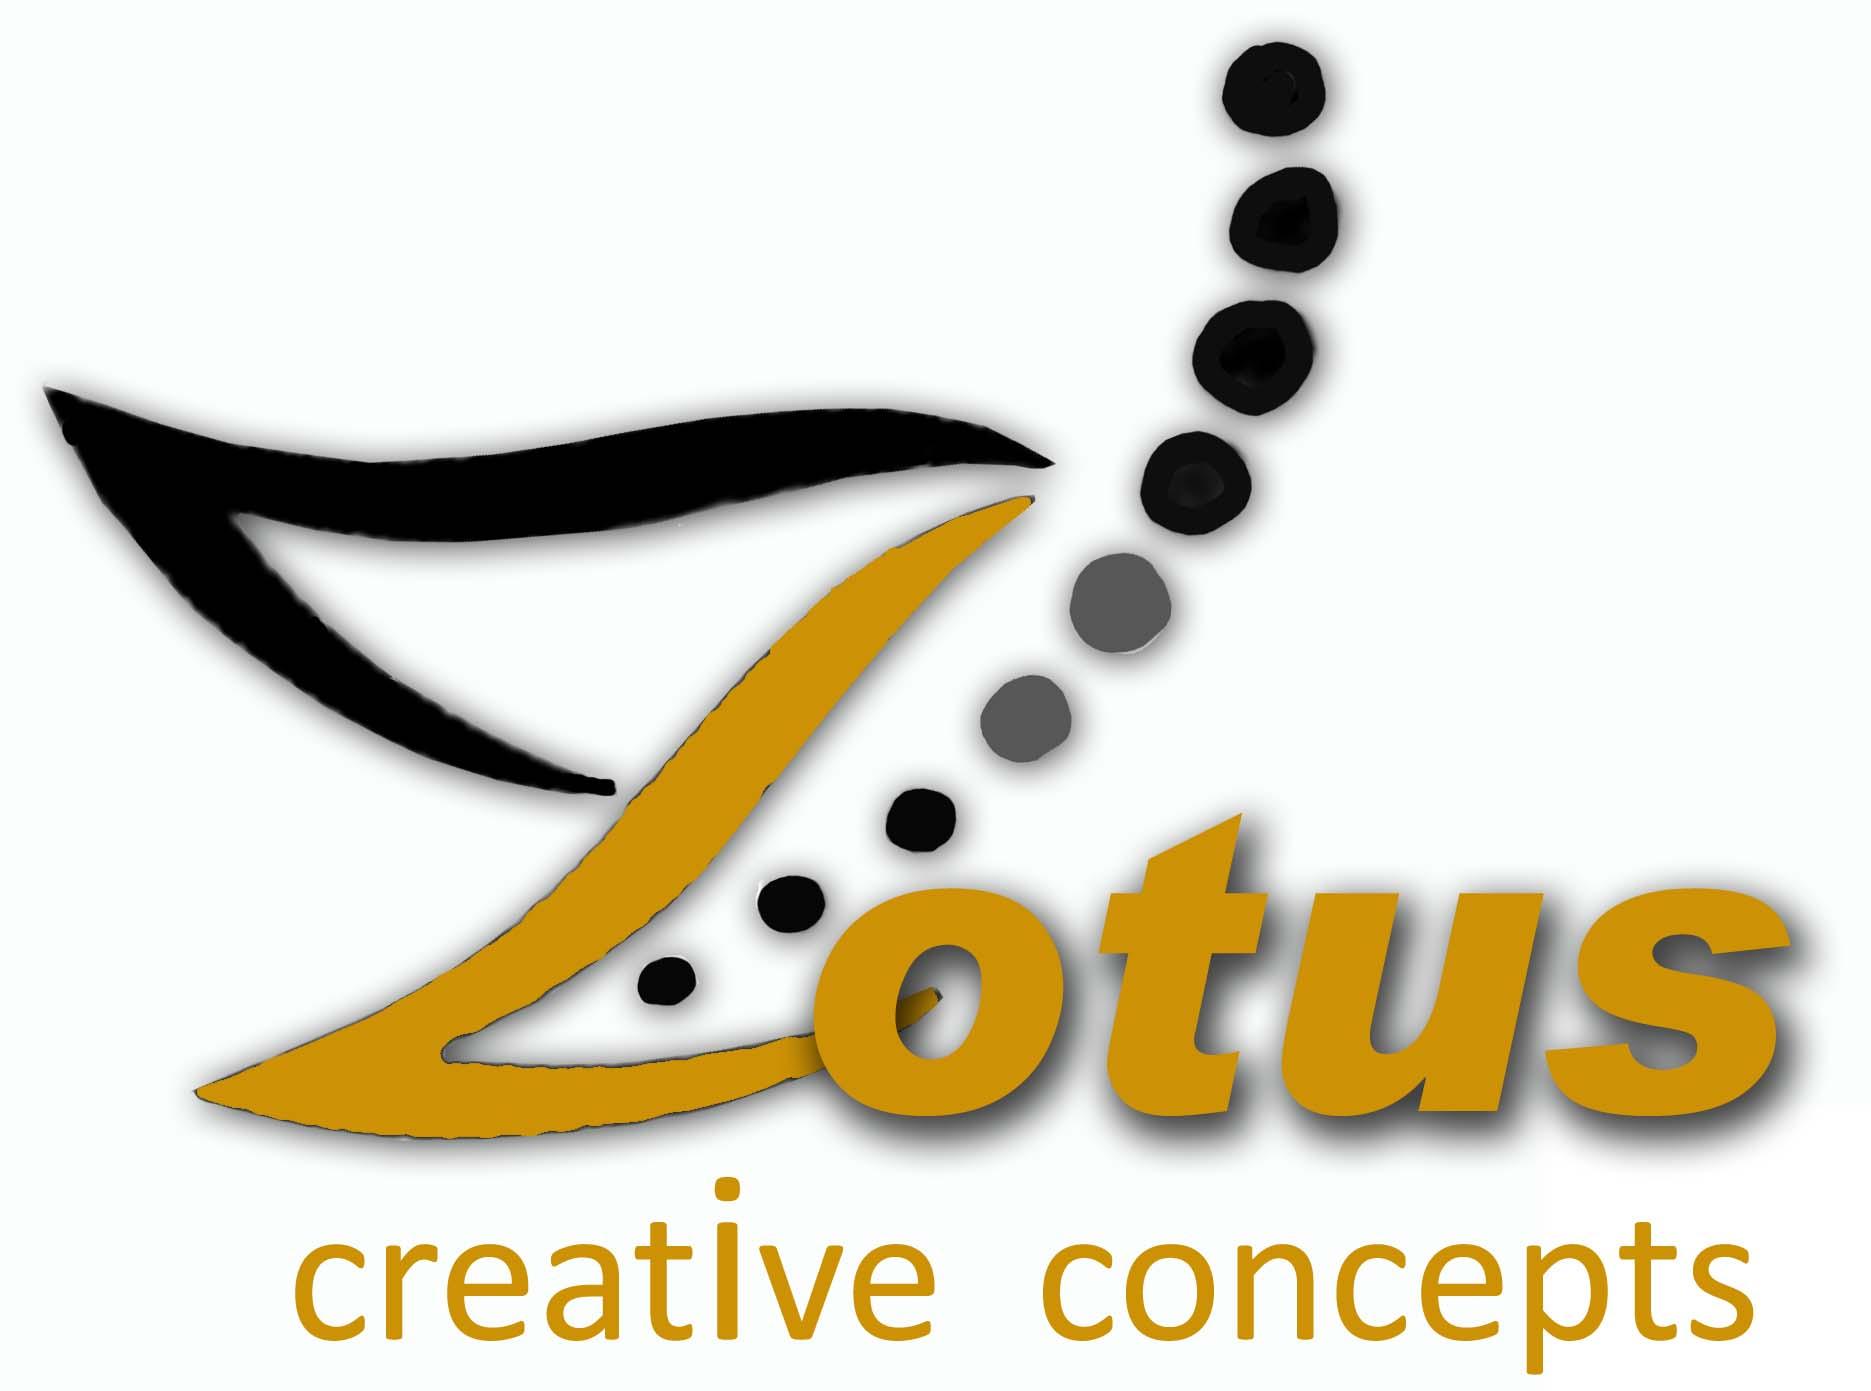 Lotus Creative Concepts